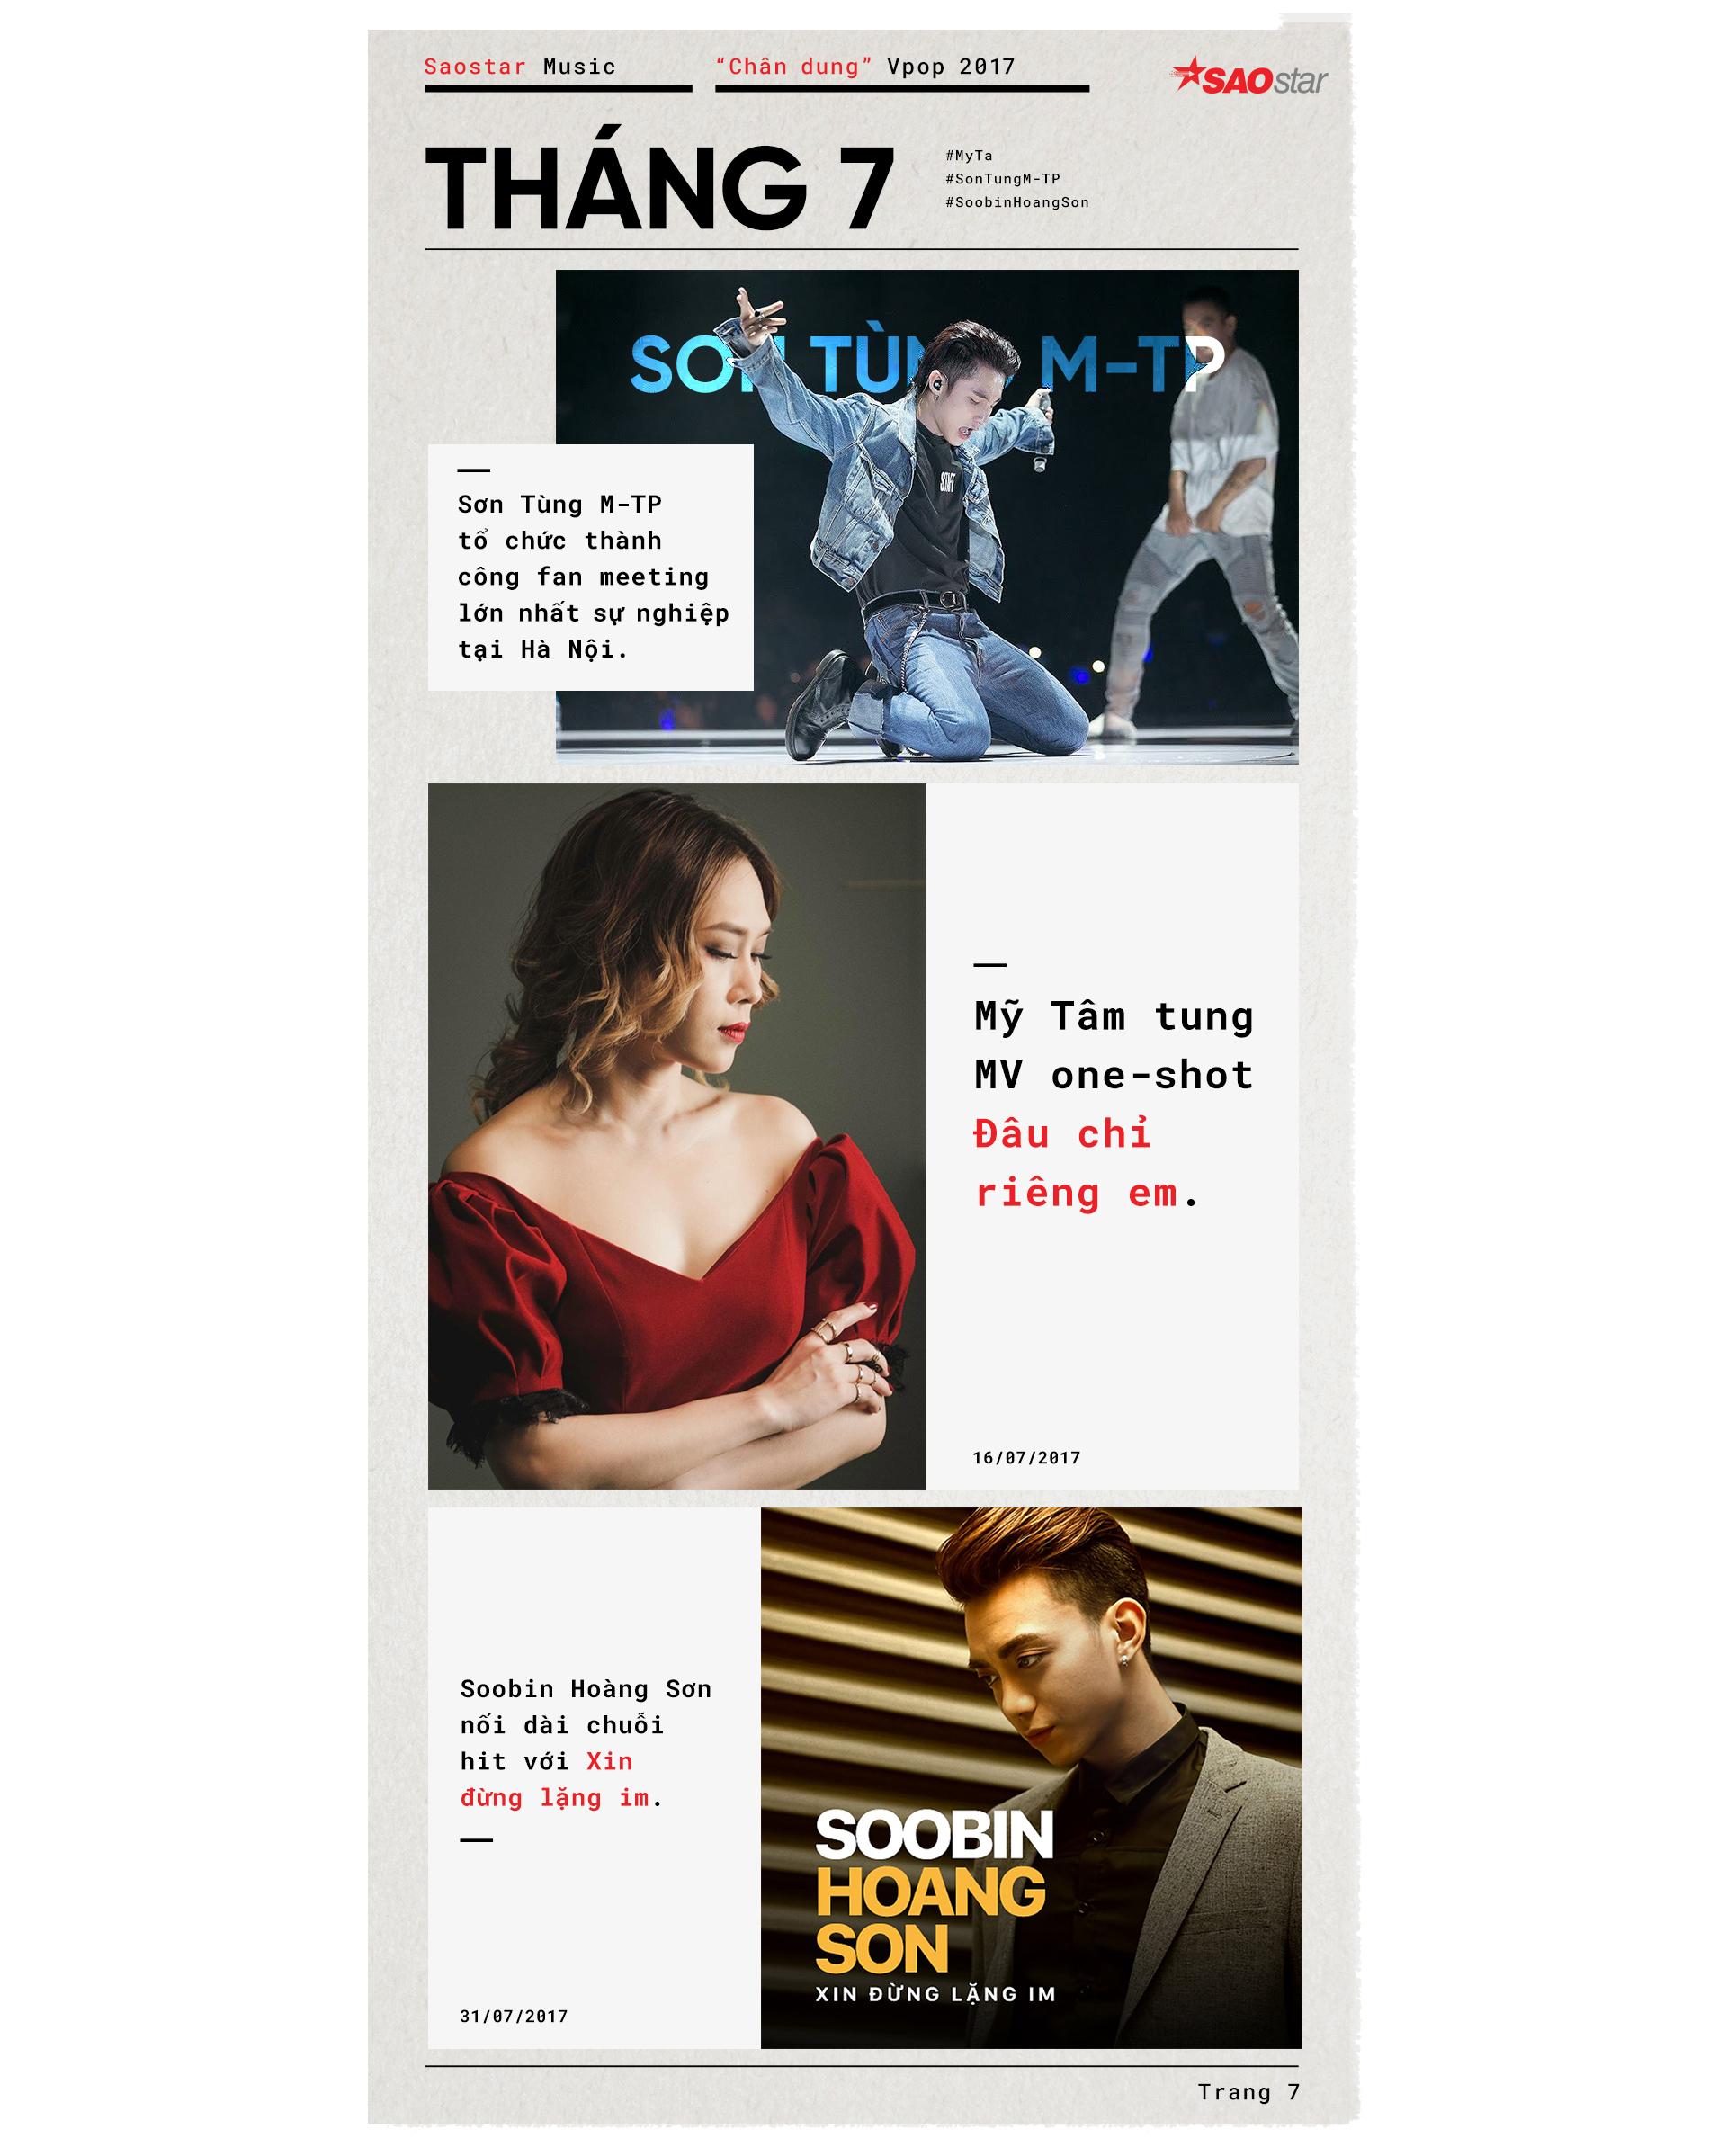 'Cuốn tạp chí' Vpop 2017: Không thiếu dấu ấn nhưng cần… dày trang hơn nữa!